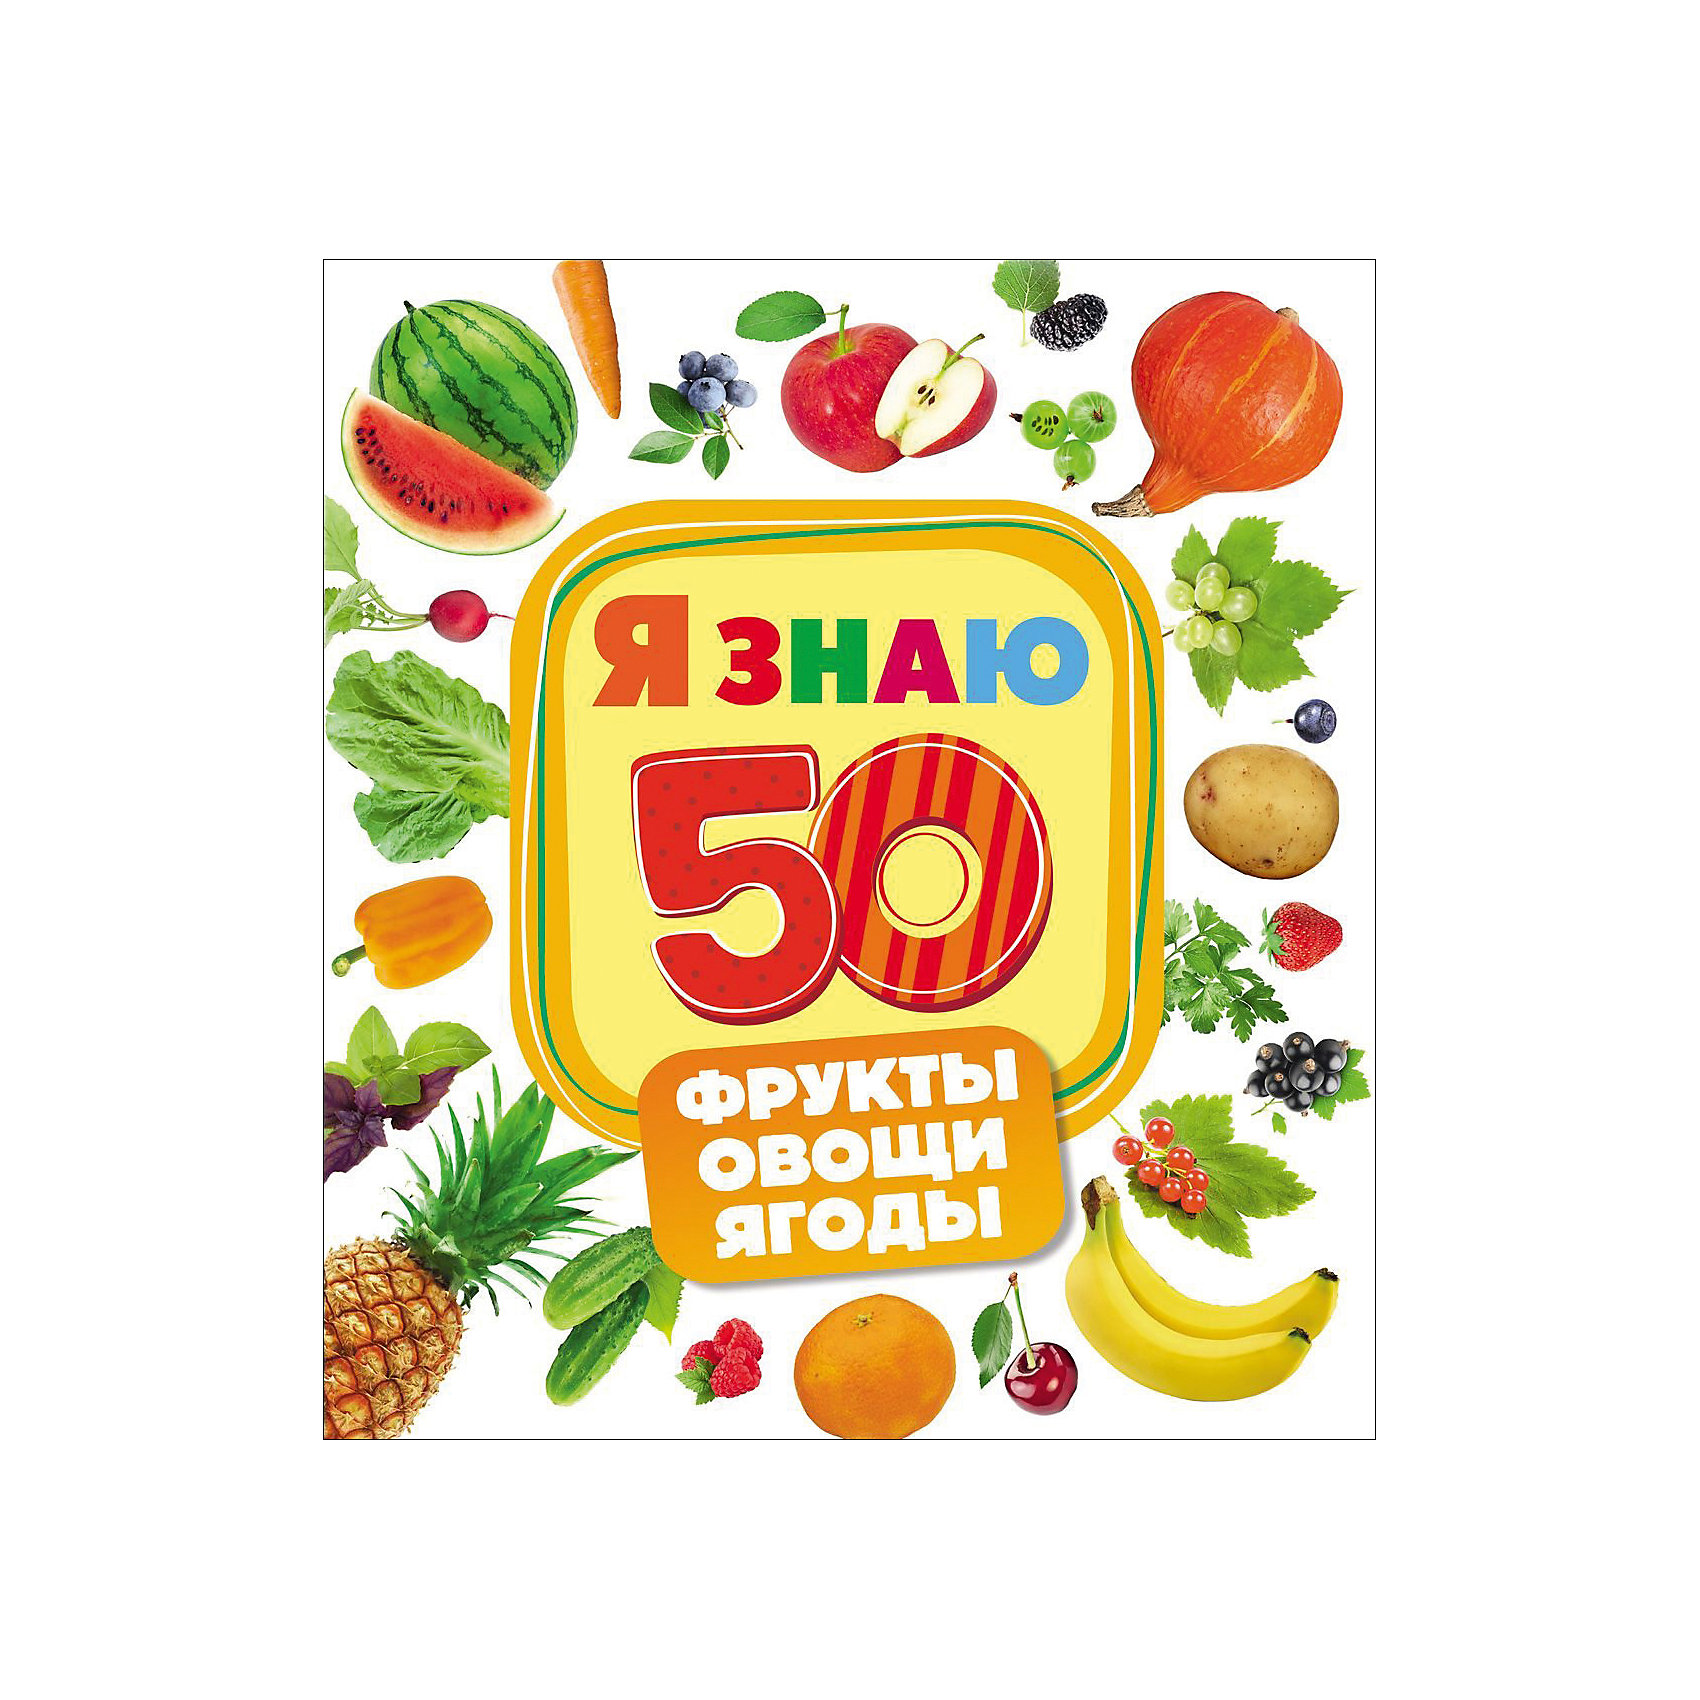 Росмэн Я знаю Фрукты, овощи, ягоды